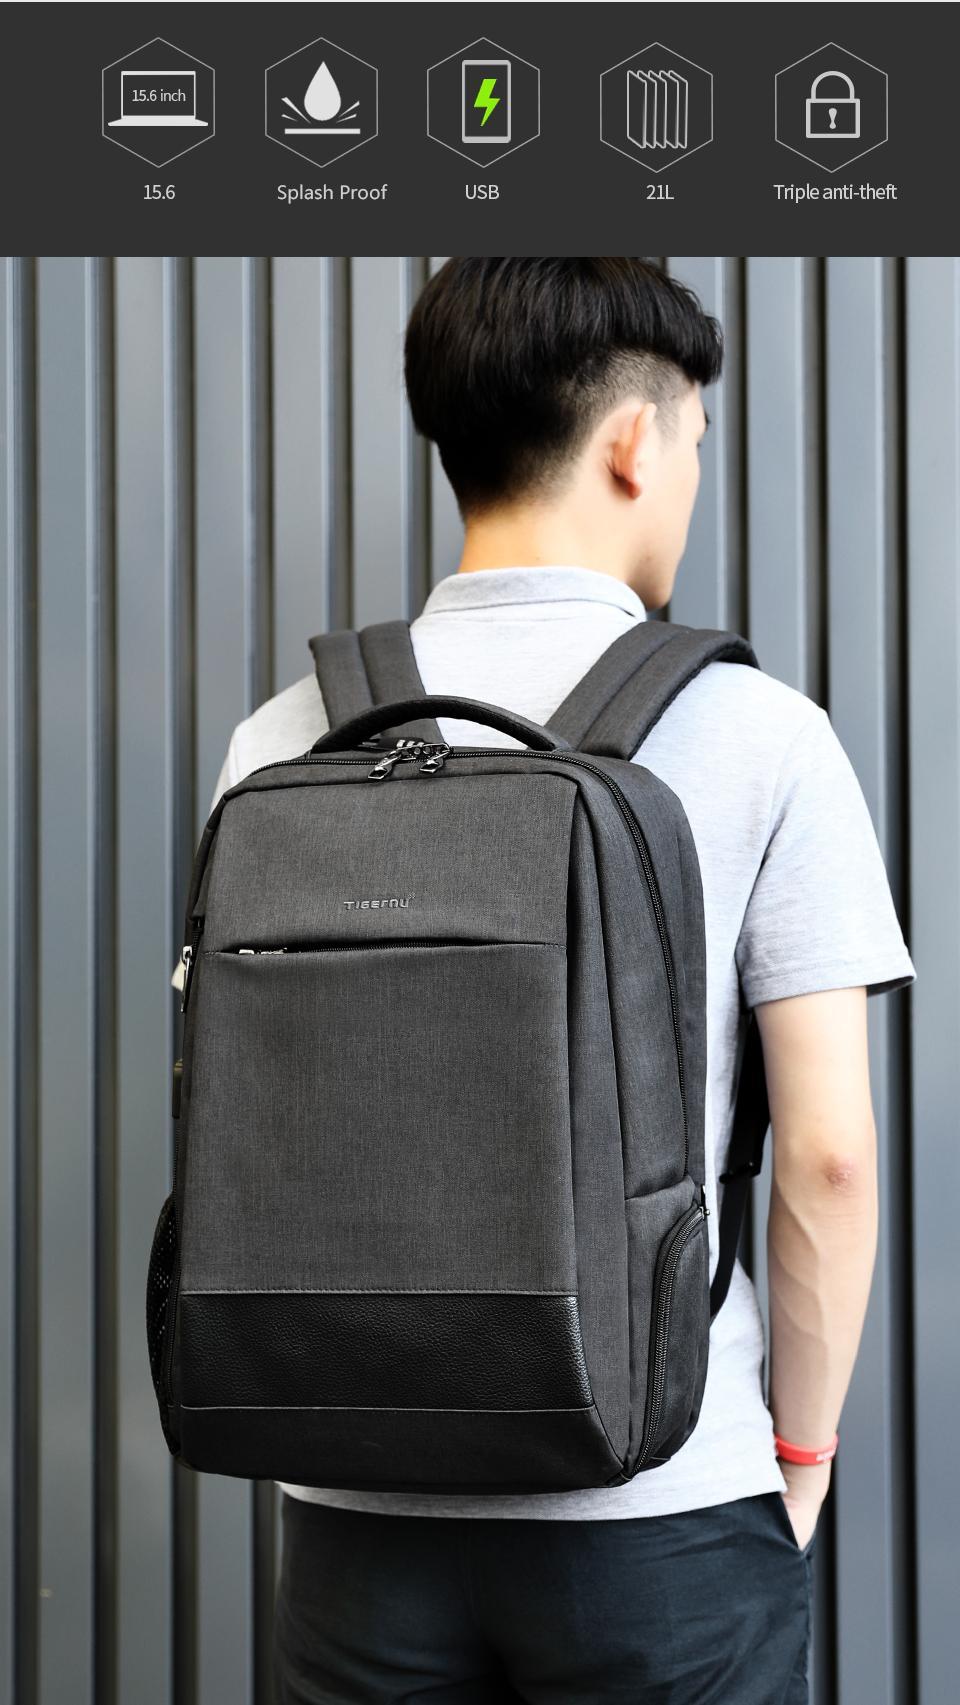 Tigernu masculina 15,6 mochila portátil de carga mochilas hombres Slim USB a prueba de salpicaduras contra el robo de la escuela de la moda las mujeres del bolso mochila